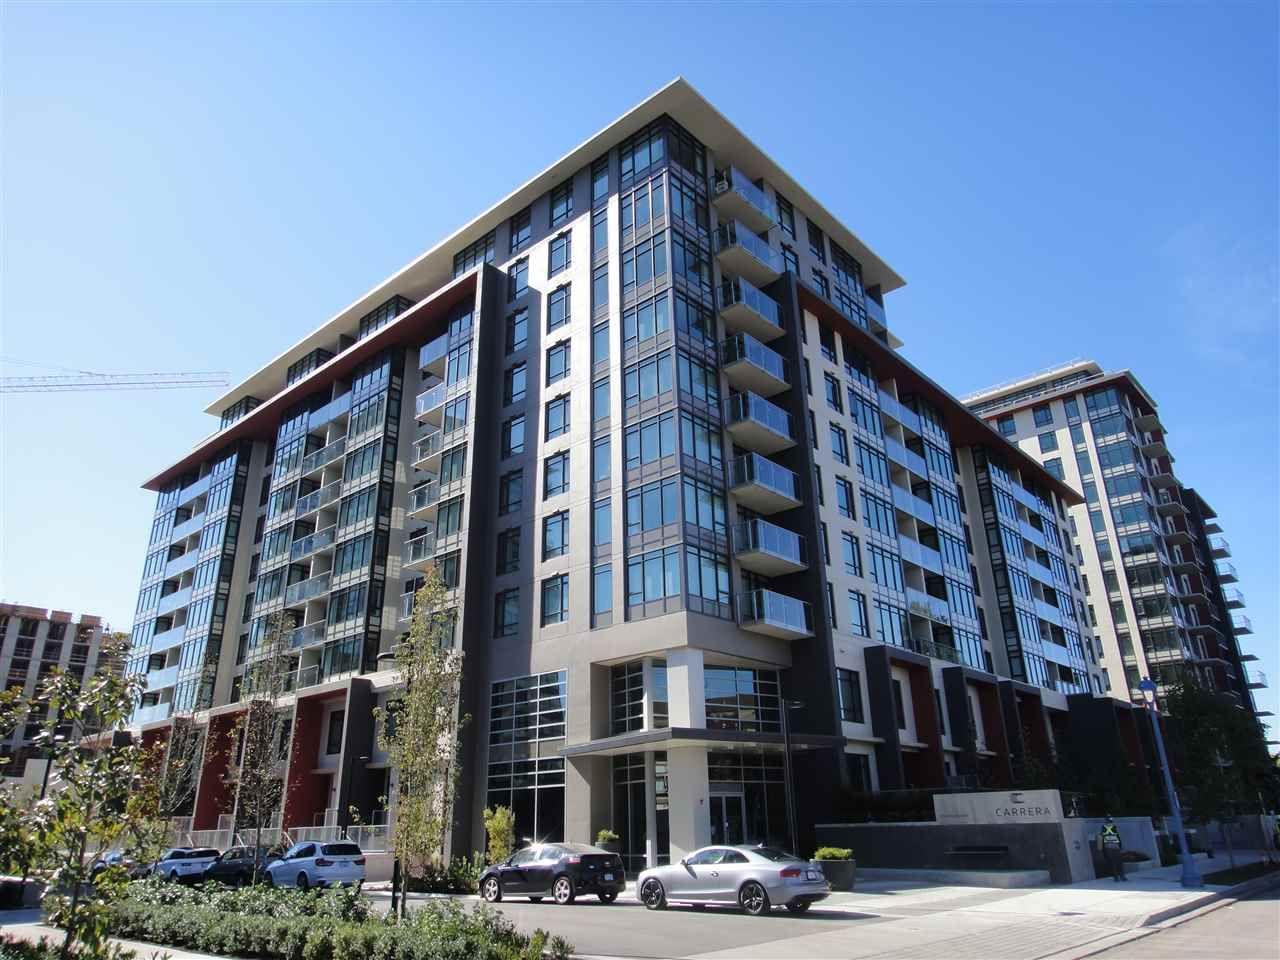 """Main Photo: 717 7338 GOLLNER Avenue in Richmond: Brighouse Condo for sale in """"CARRERA"""" : MLS®# R2002807"""